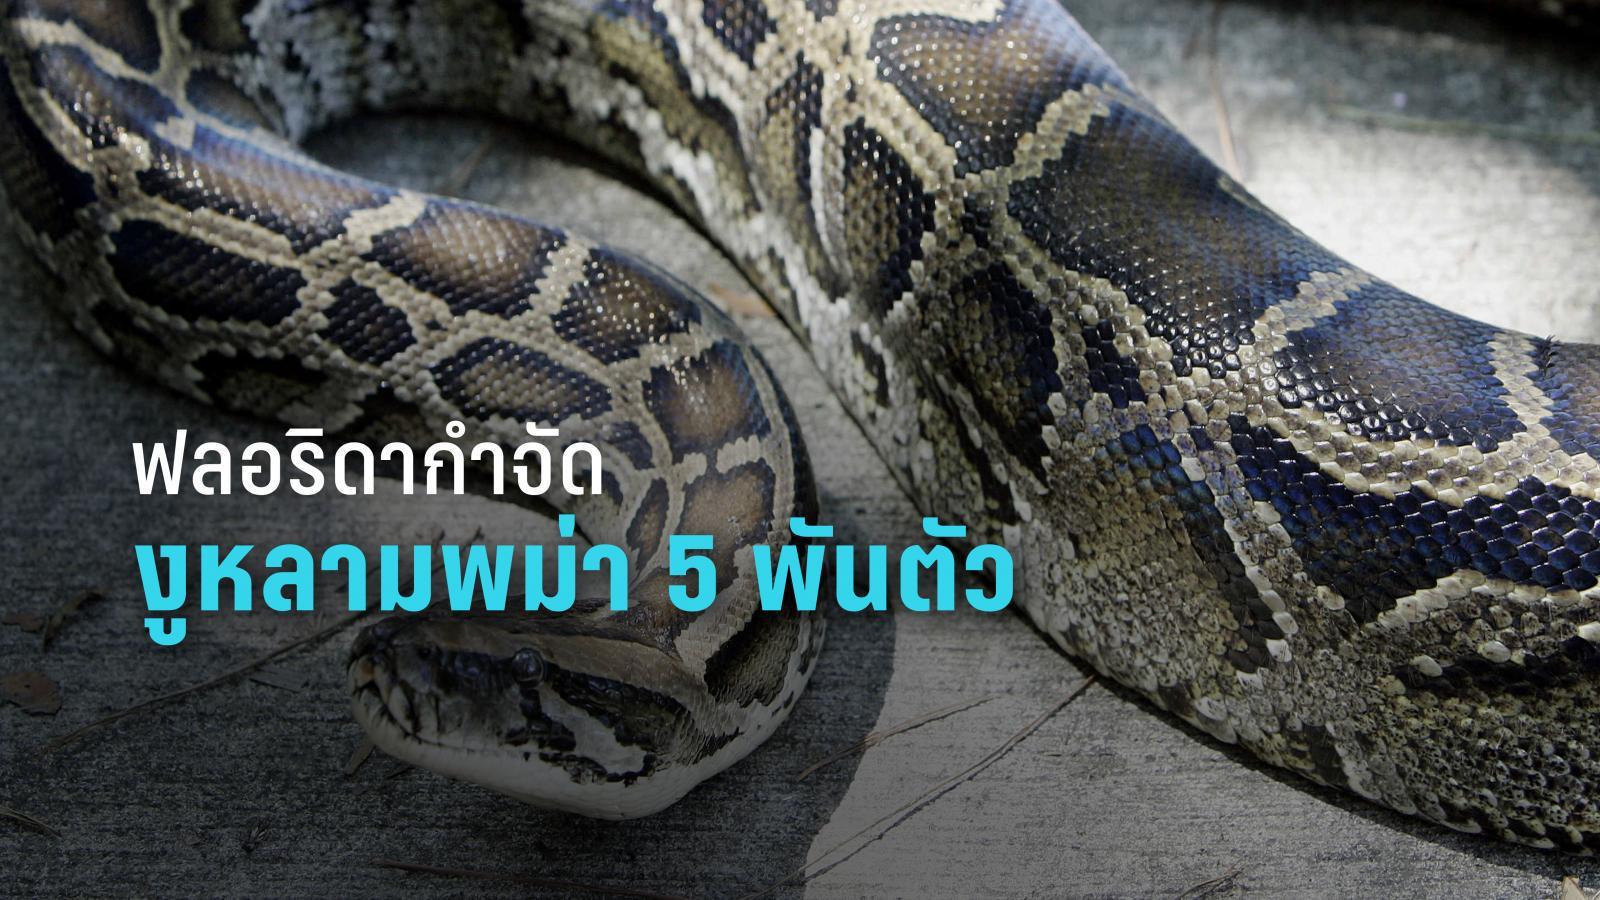 ฟลอริดากำจัดงูหลามพม่า 5,000 ตัว หวั่นทำลายระบบนิเวศ